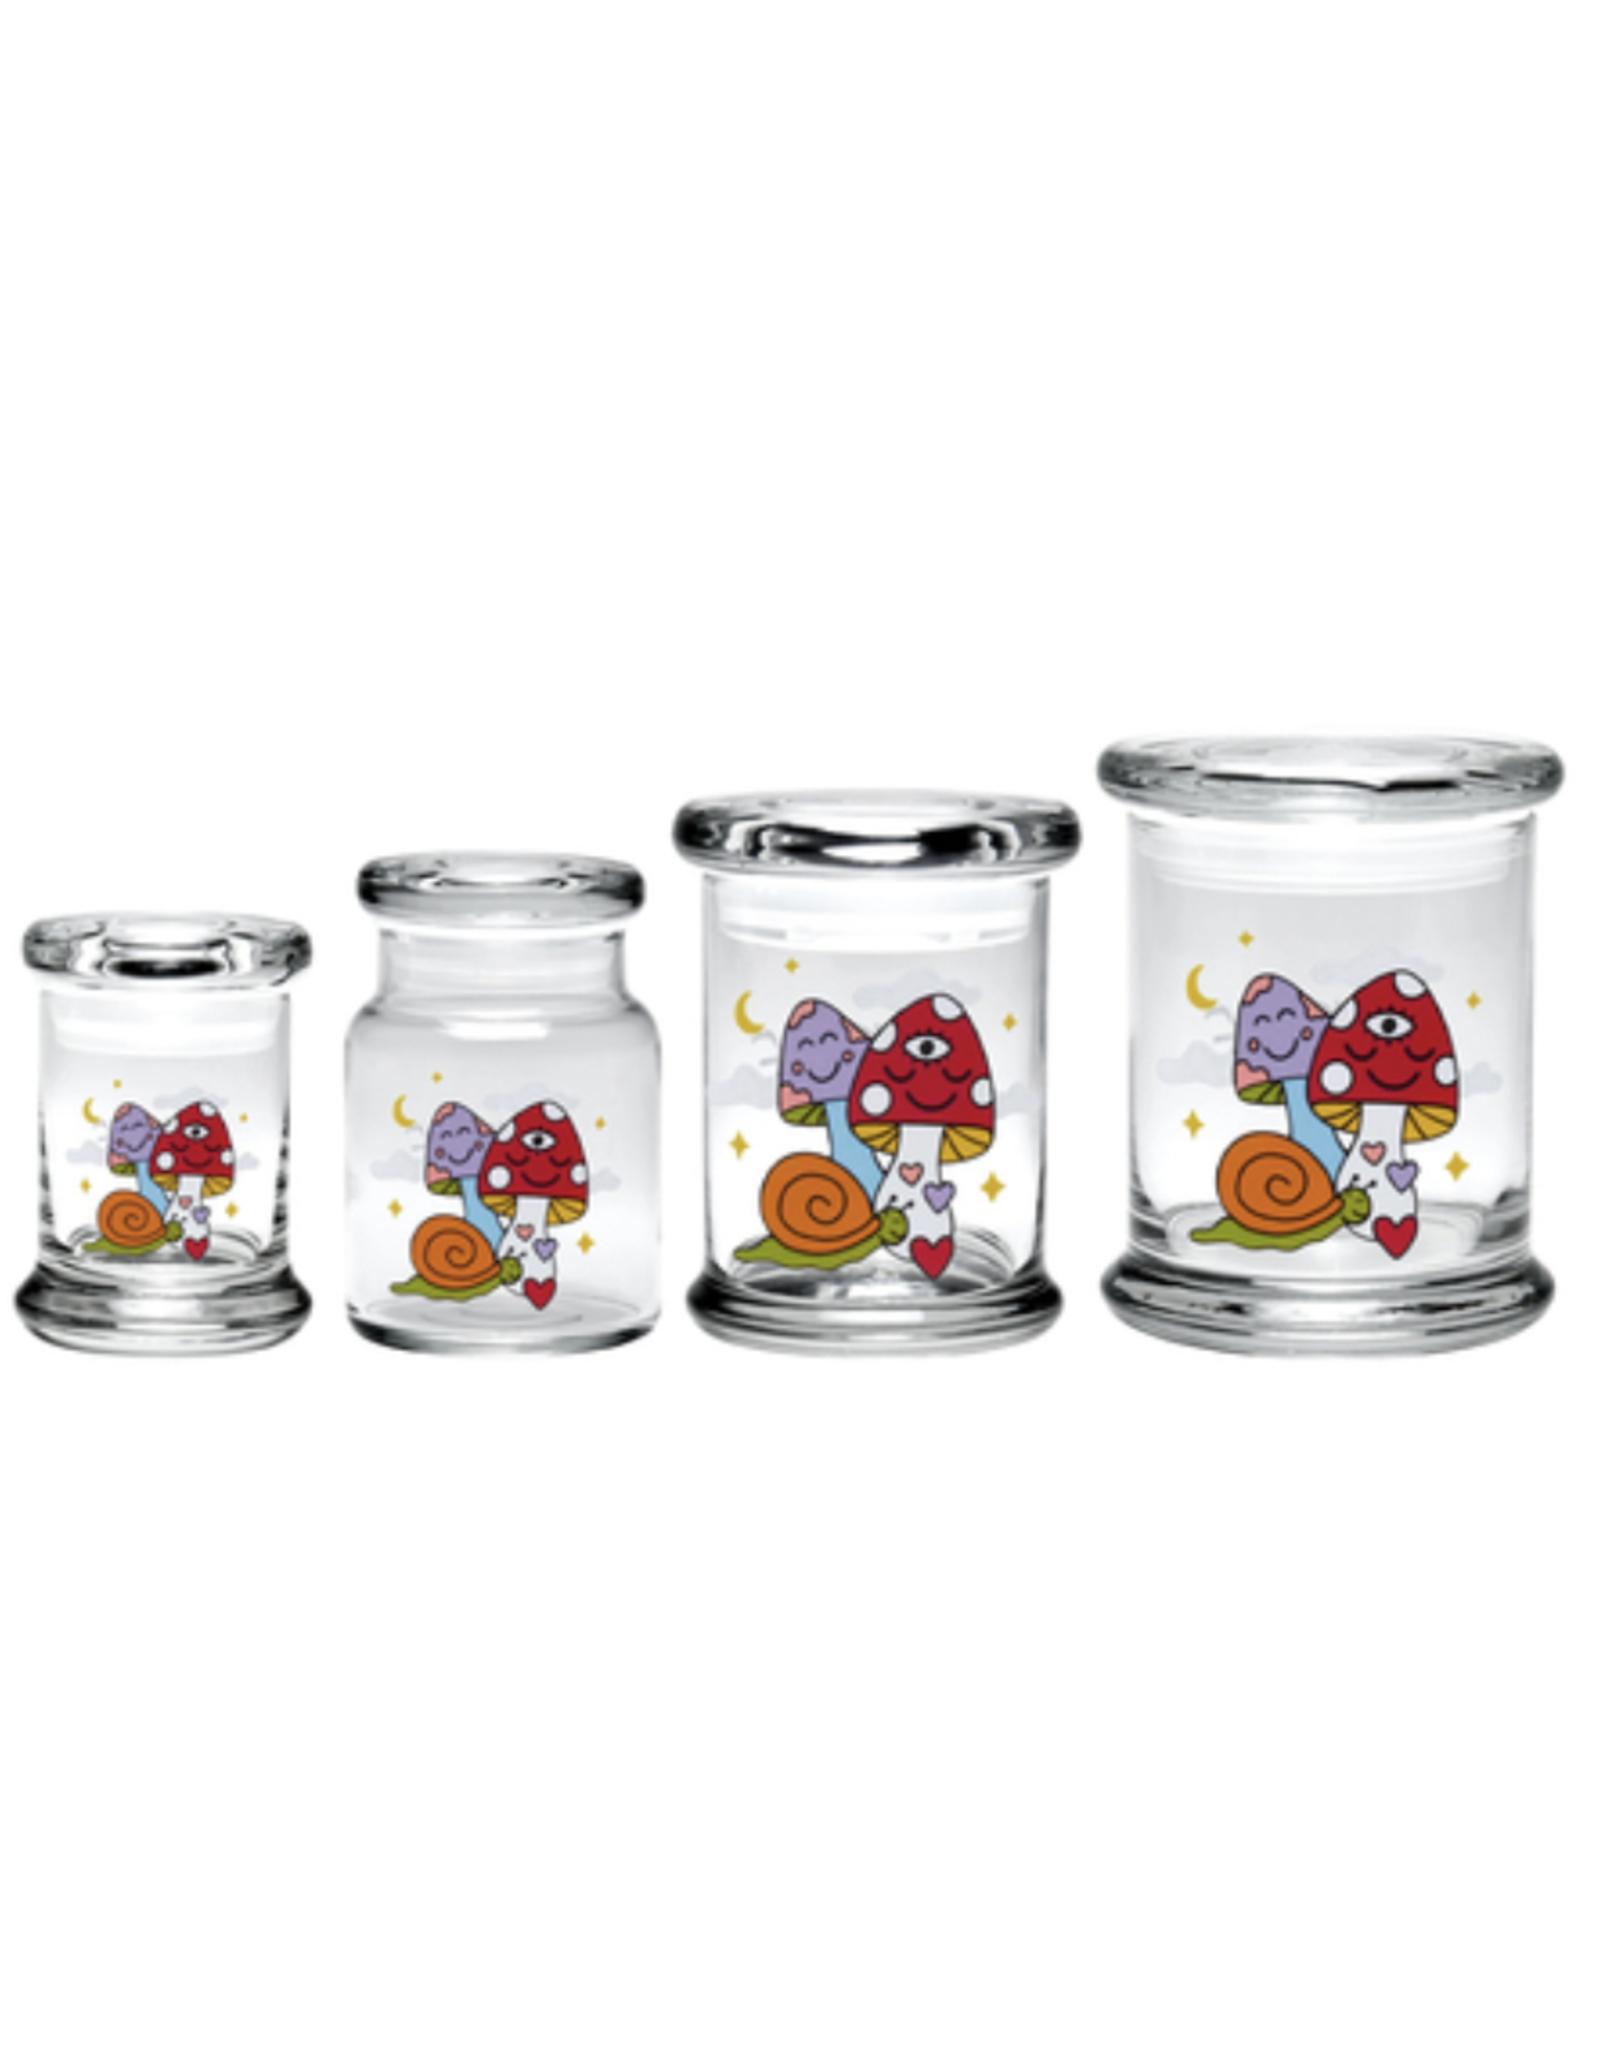 420 Science Pop Top Jar - Woke Cosmic Mushroom